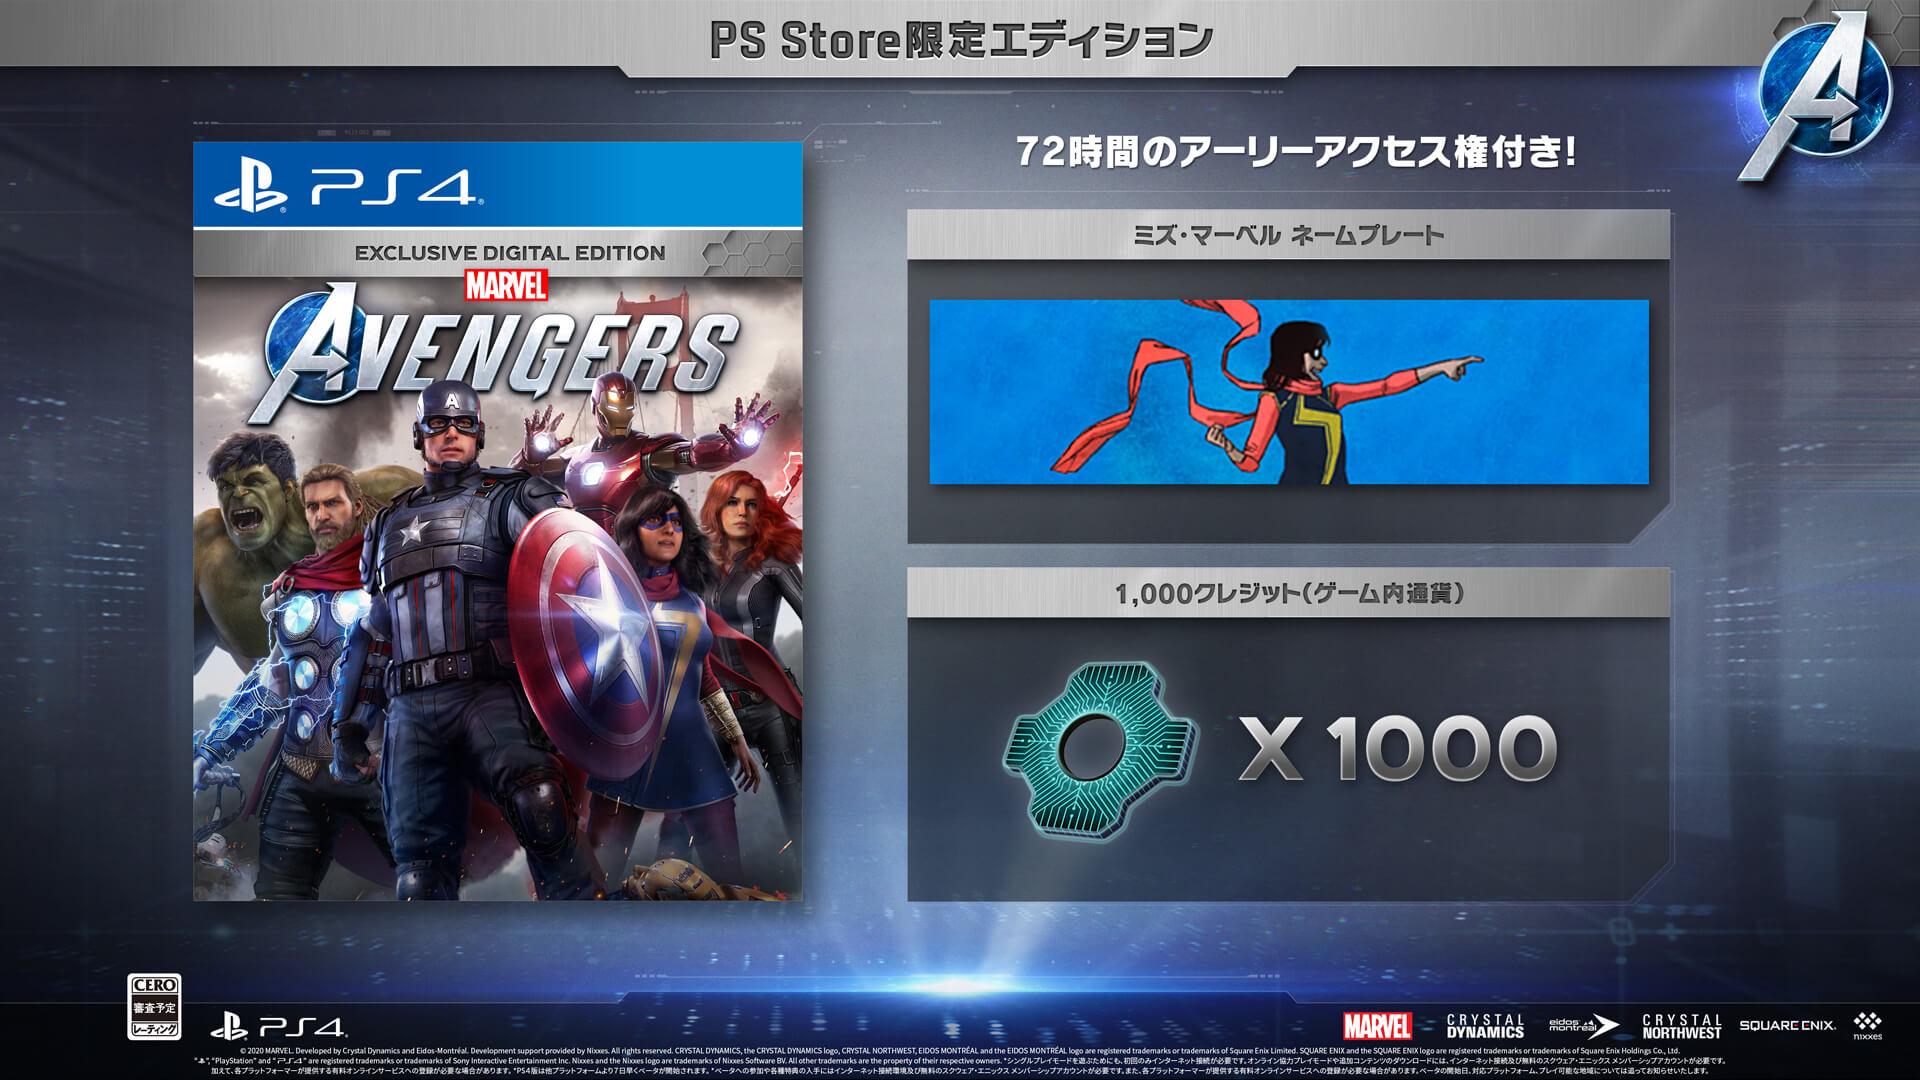 アベンジャーズ、ゲームでアッセンブル!『Marvel's Avengers』がついに予約受付開始&最新トレーラーも解禁 tech200417_avengers_game_2